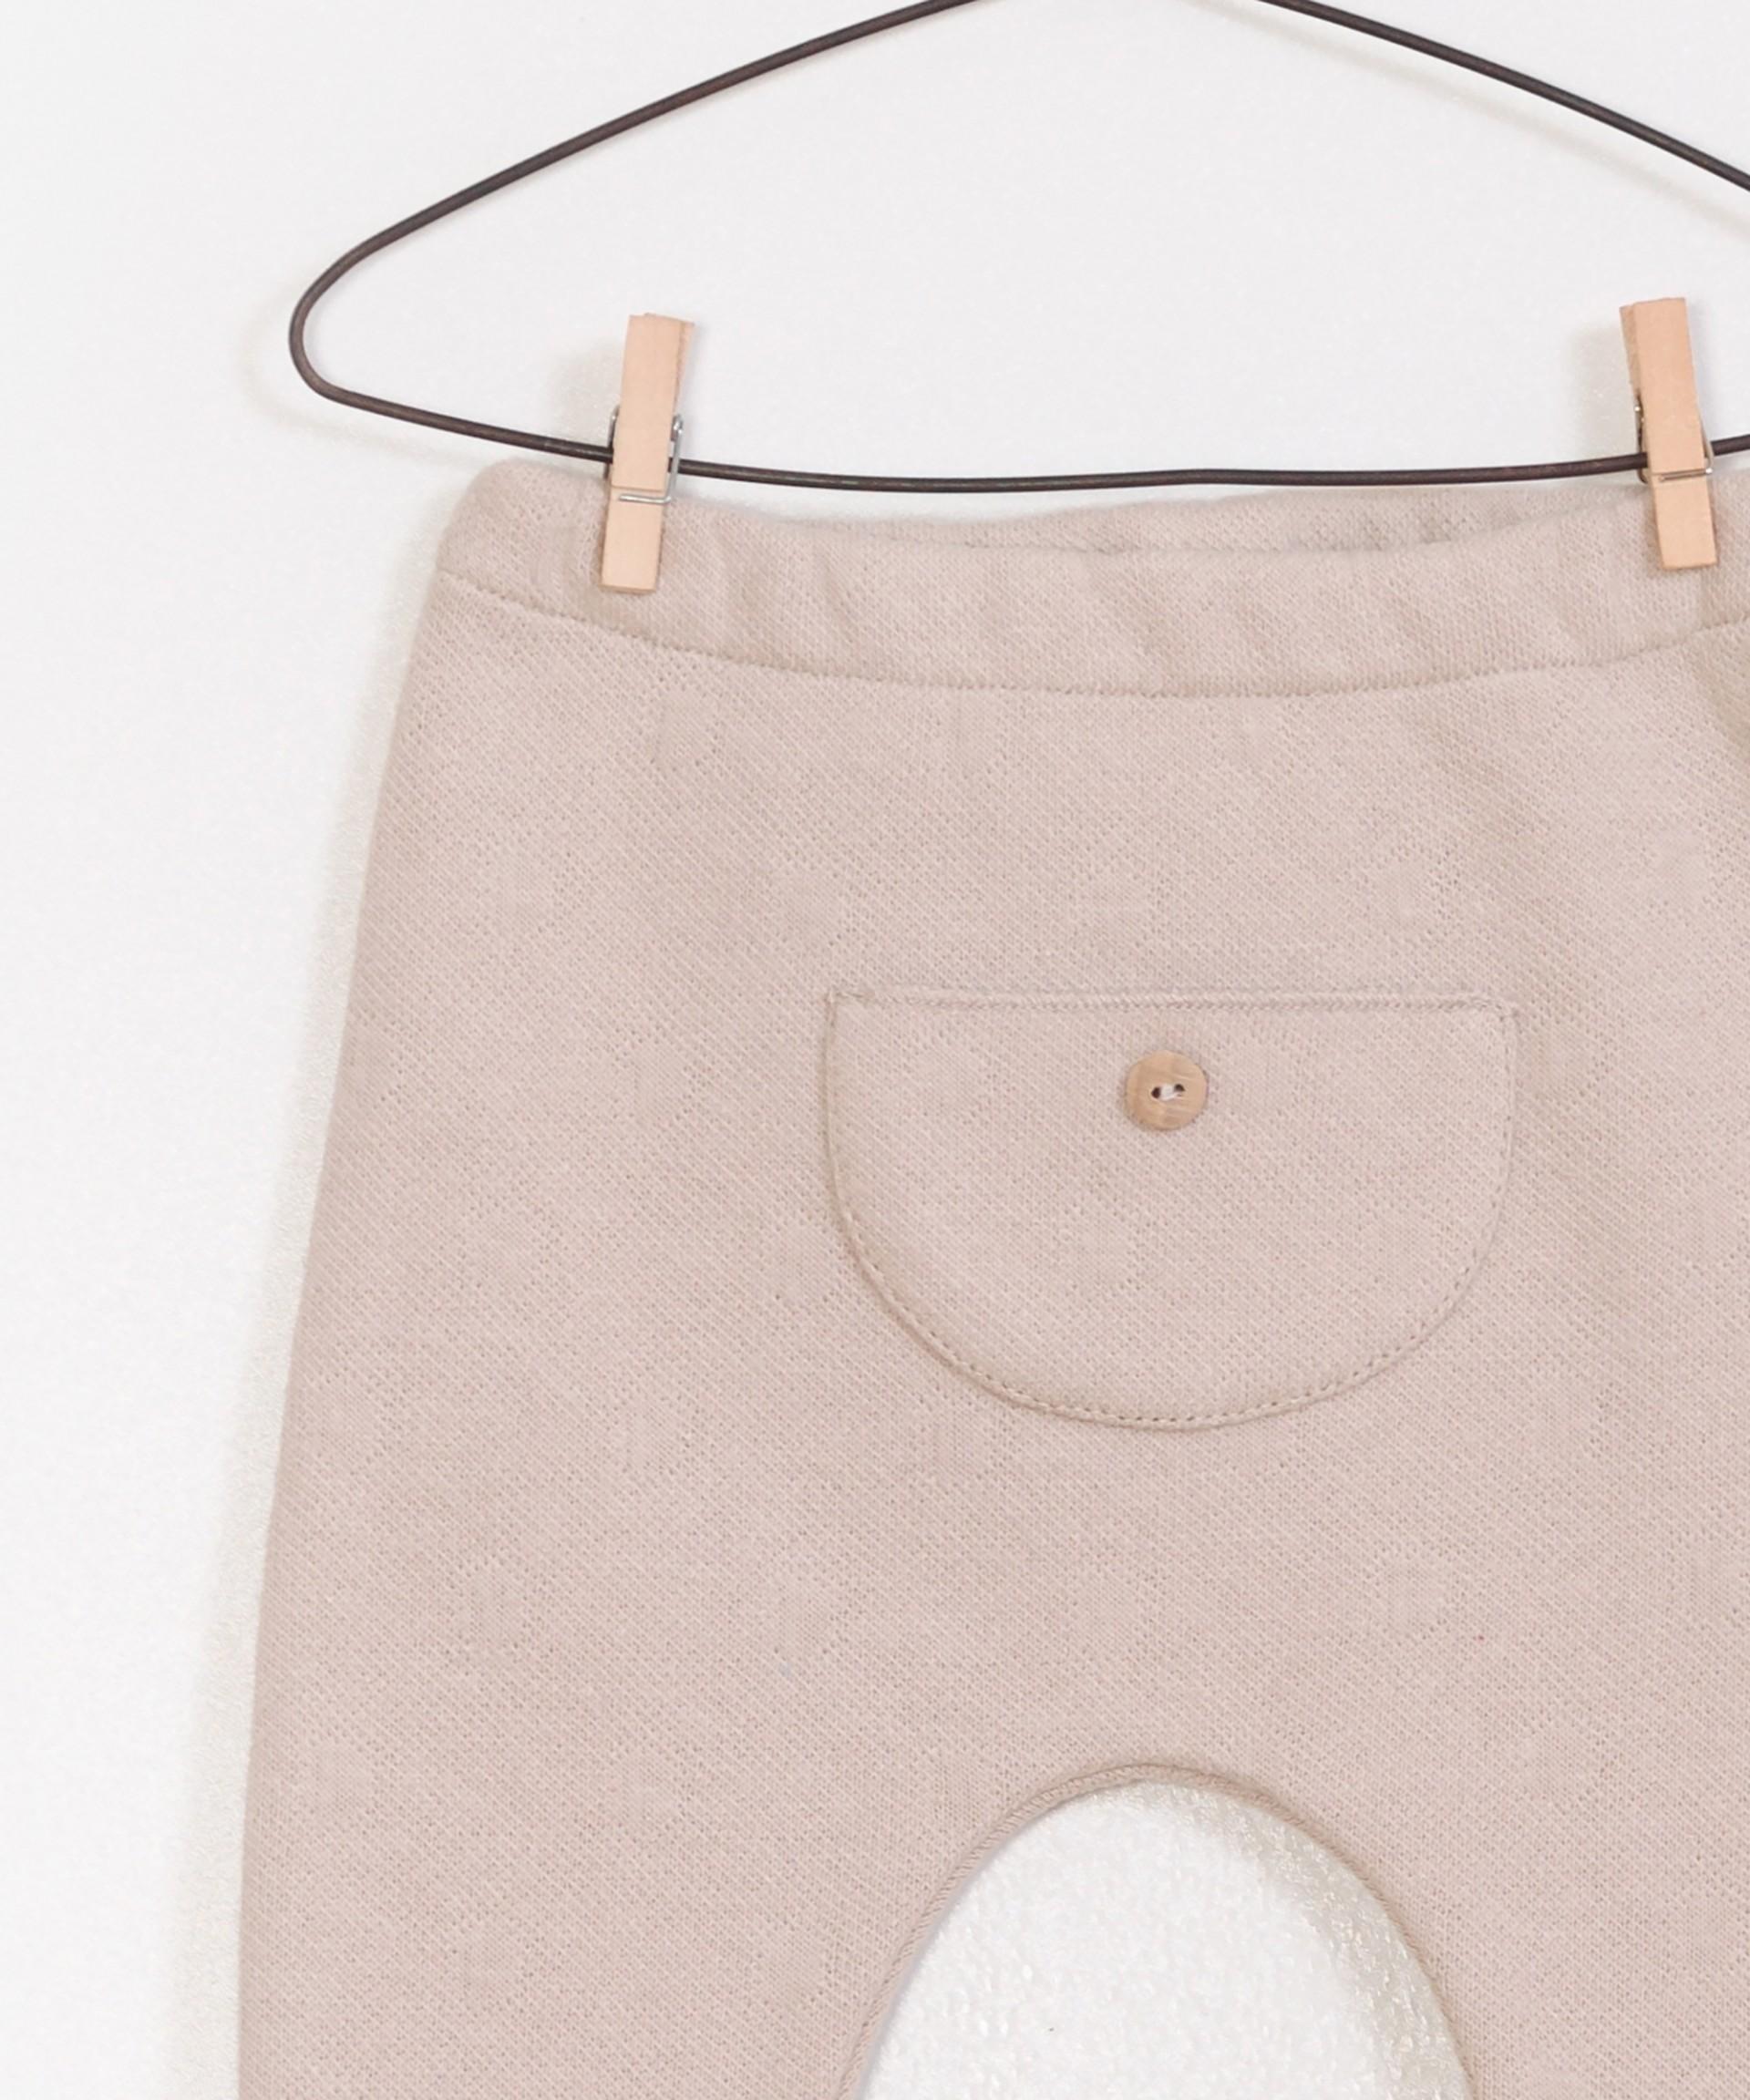 Jacquard Pants with Kangaroo Pocket